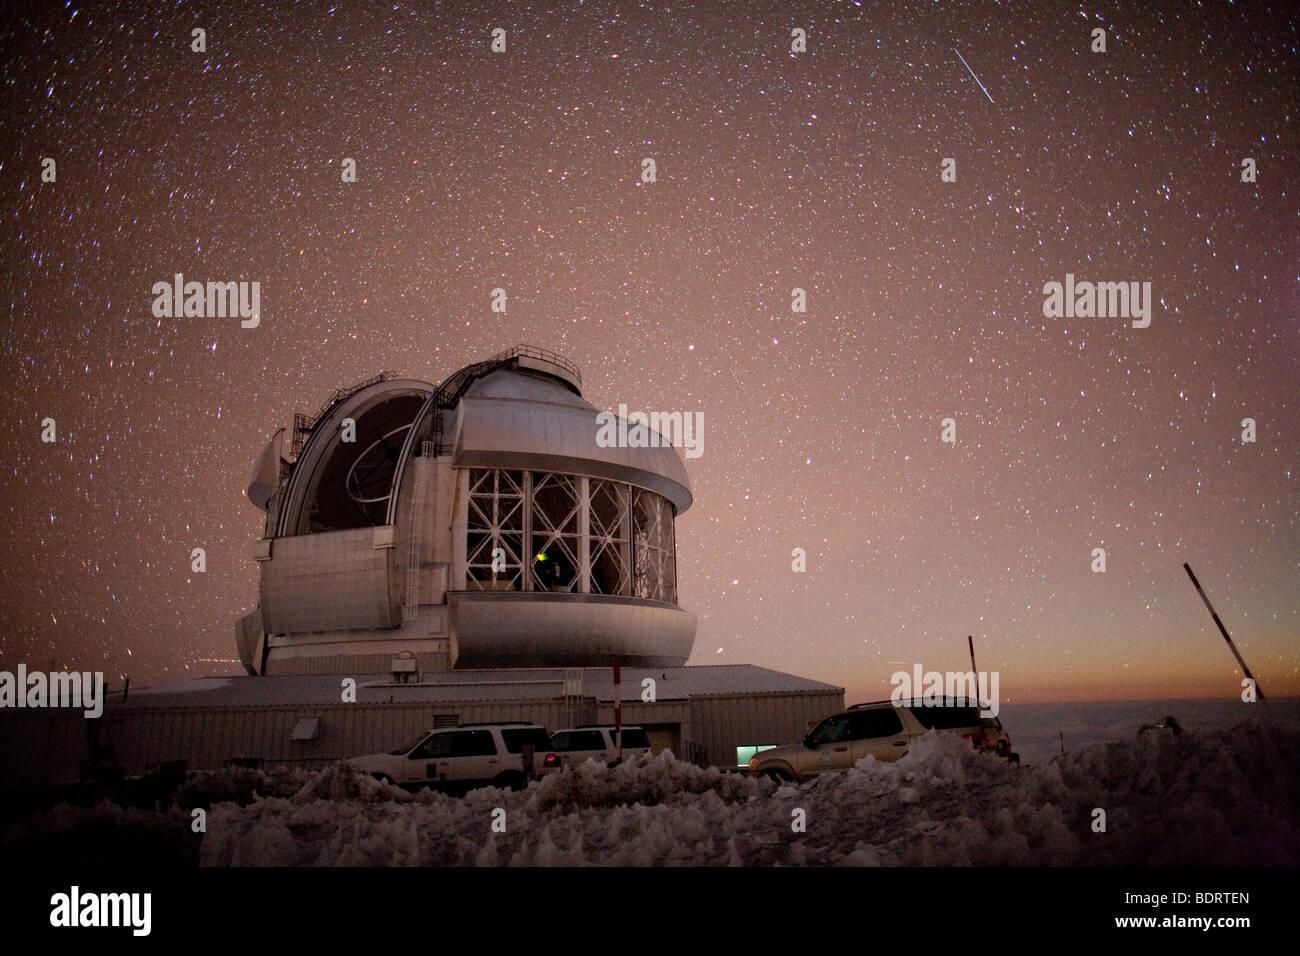 Noche en Mauna Kea, mostrando el telescopio Gemini con la luz de luna visible en el este Imagen De Stock